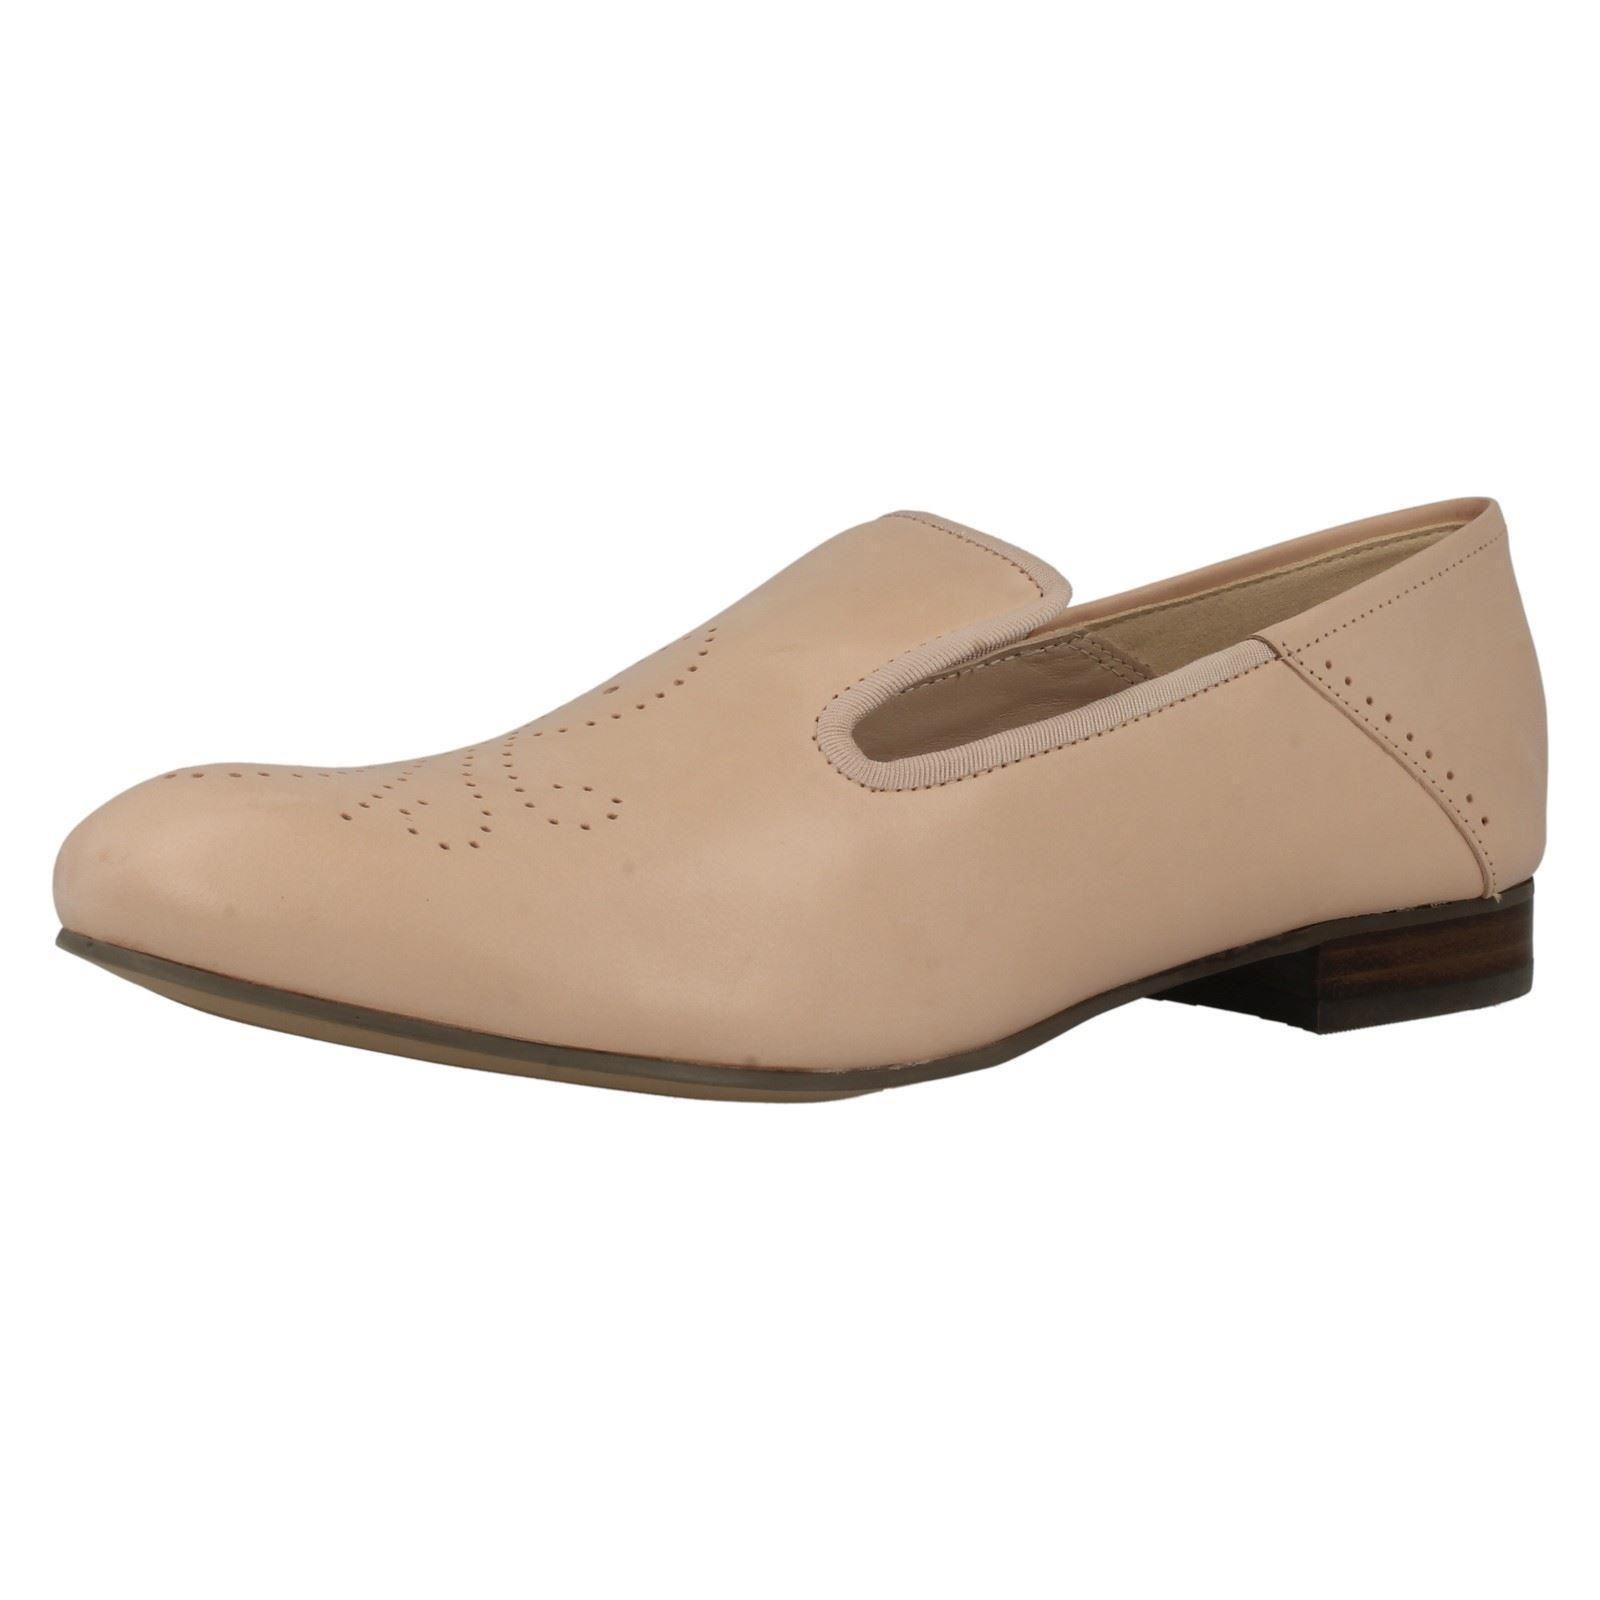 mesdames clarks glisse sur les les les chaussures de loisirs